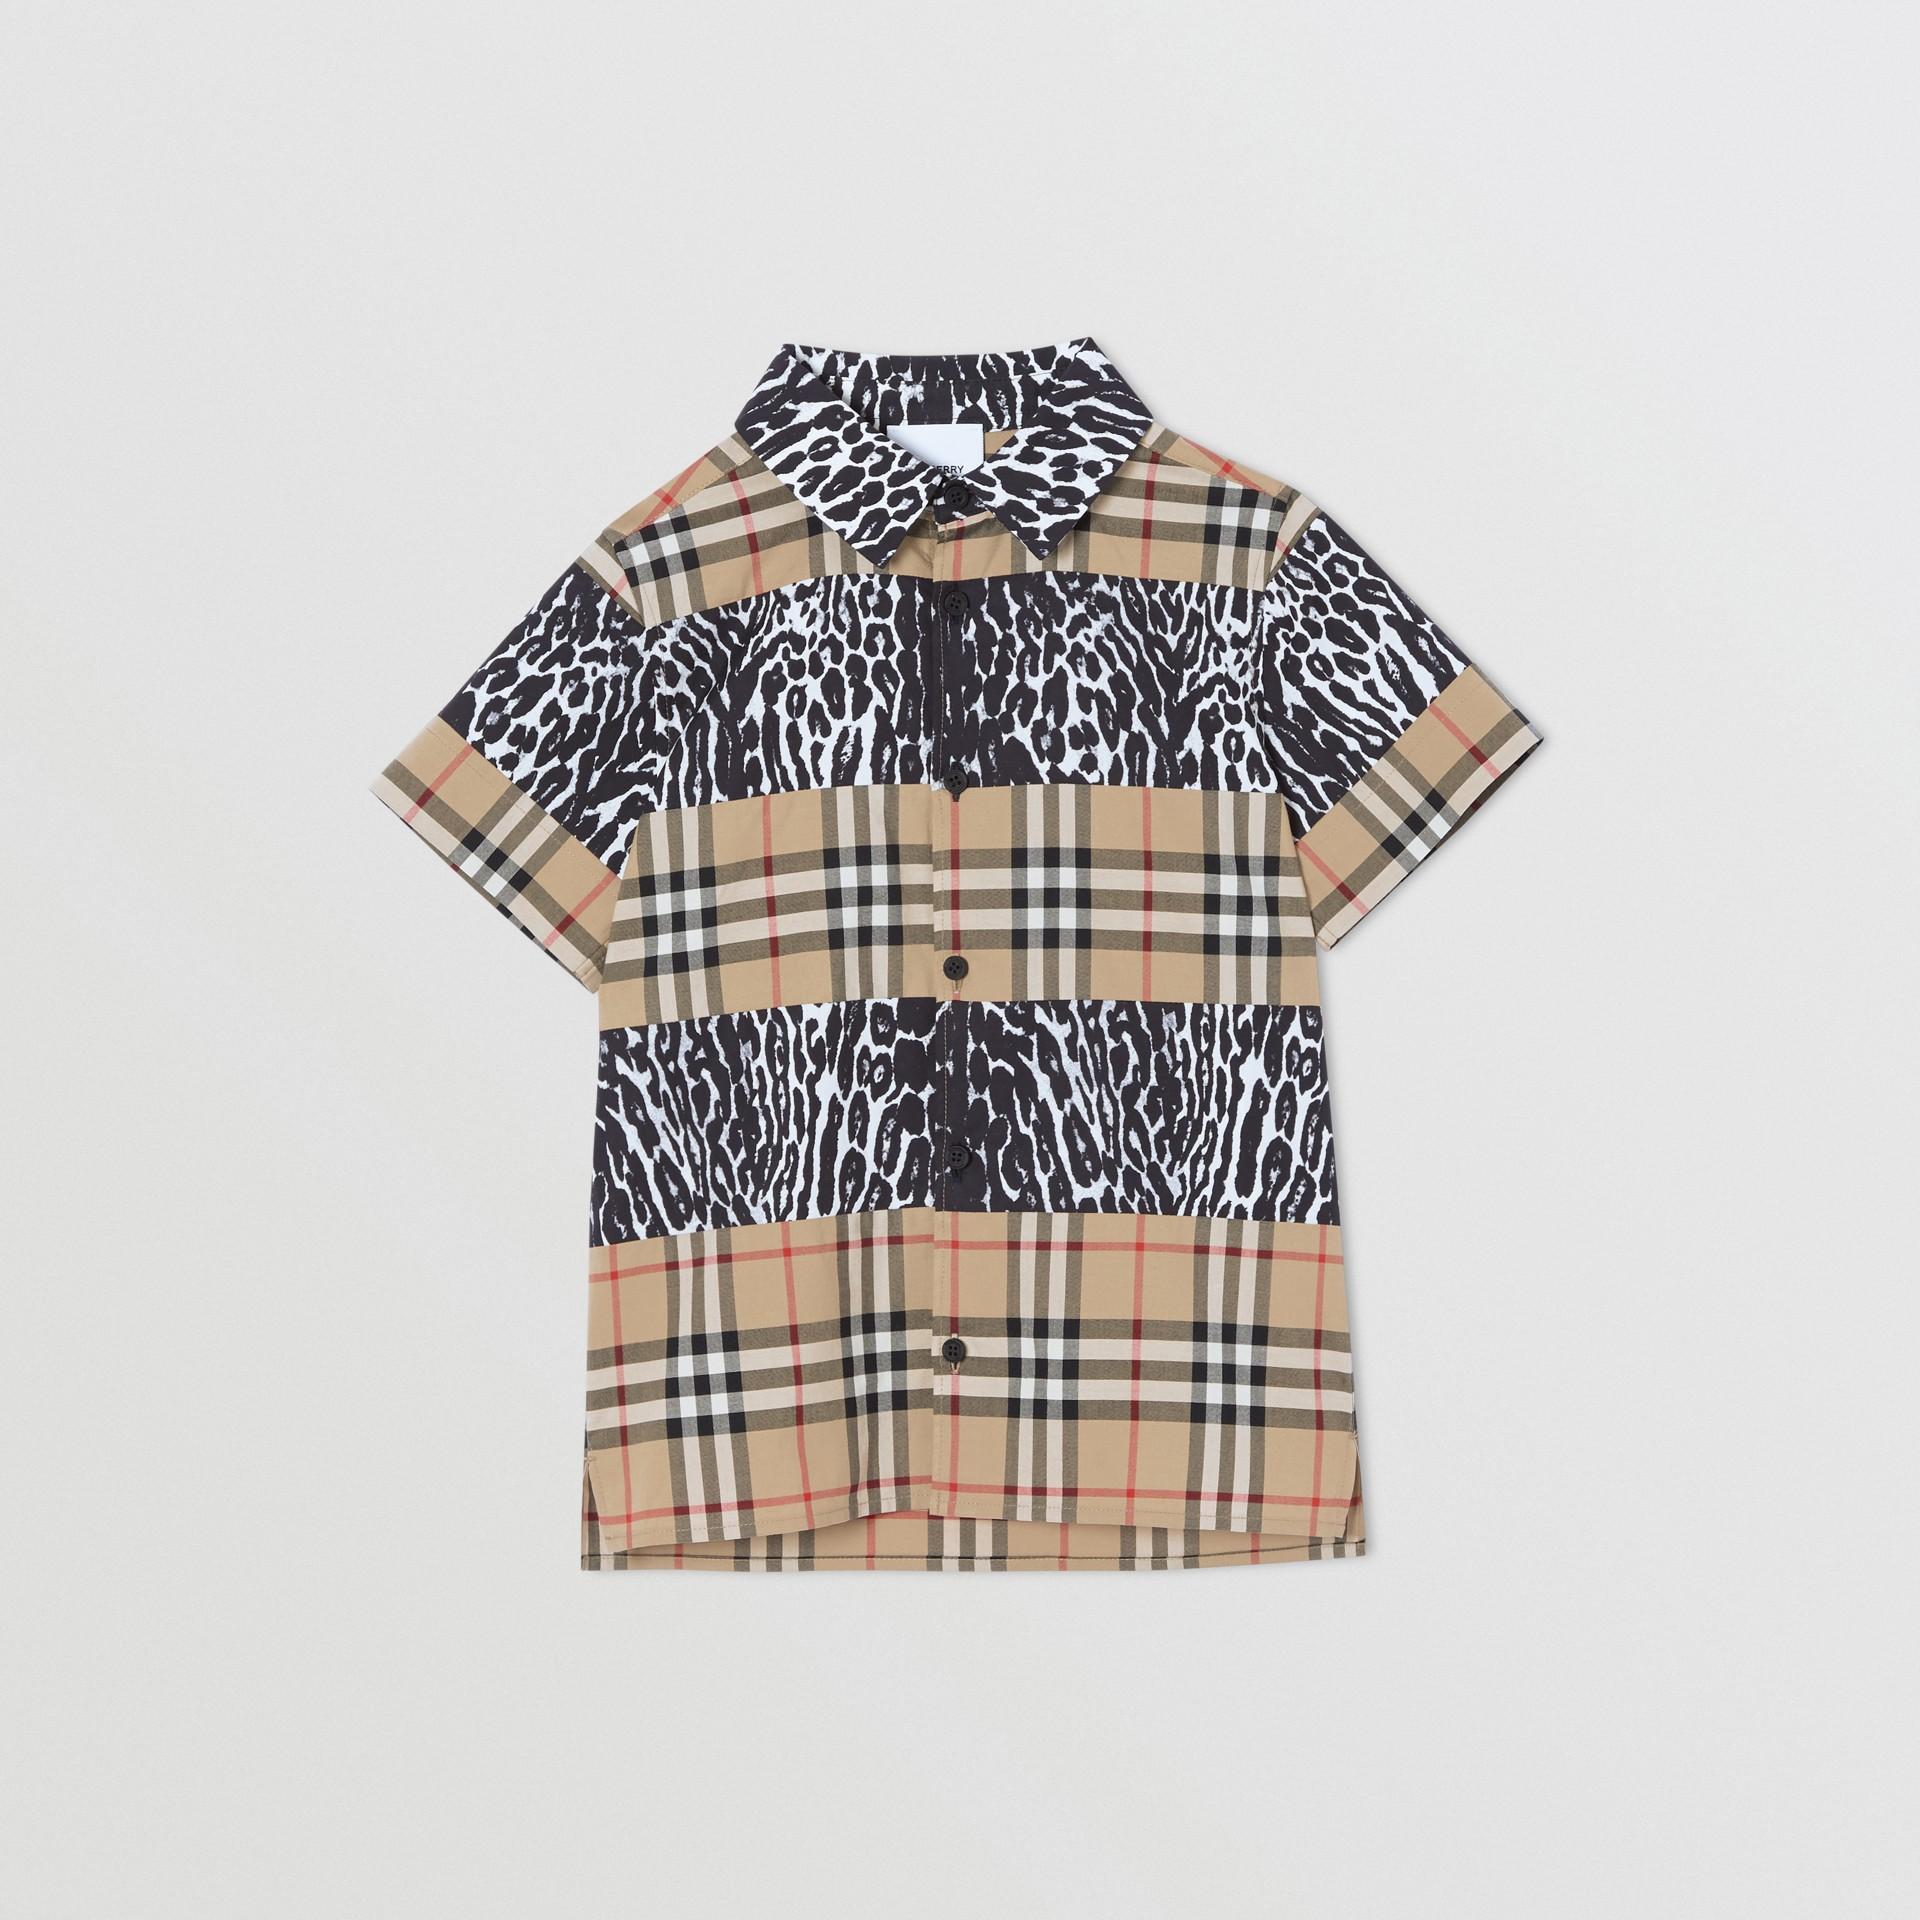 Camicia a maniche corte con motivo Vintage check e stampa leopardata (Beige Archivio) | Burberry - immagine della galleria 0